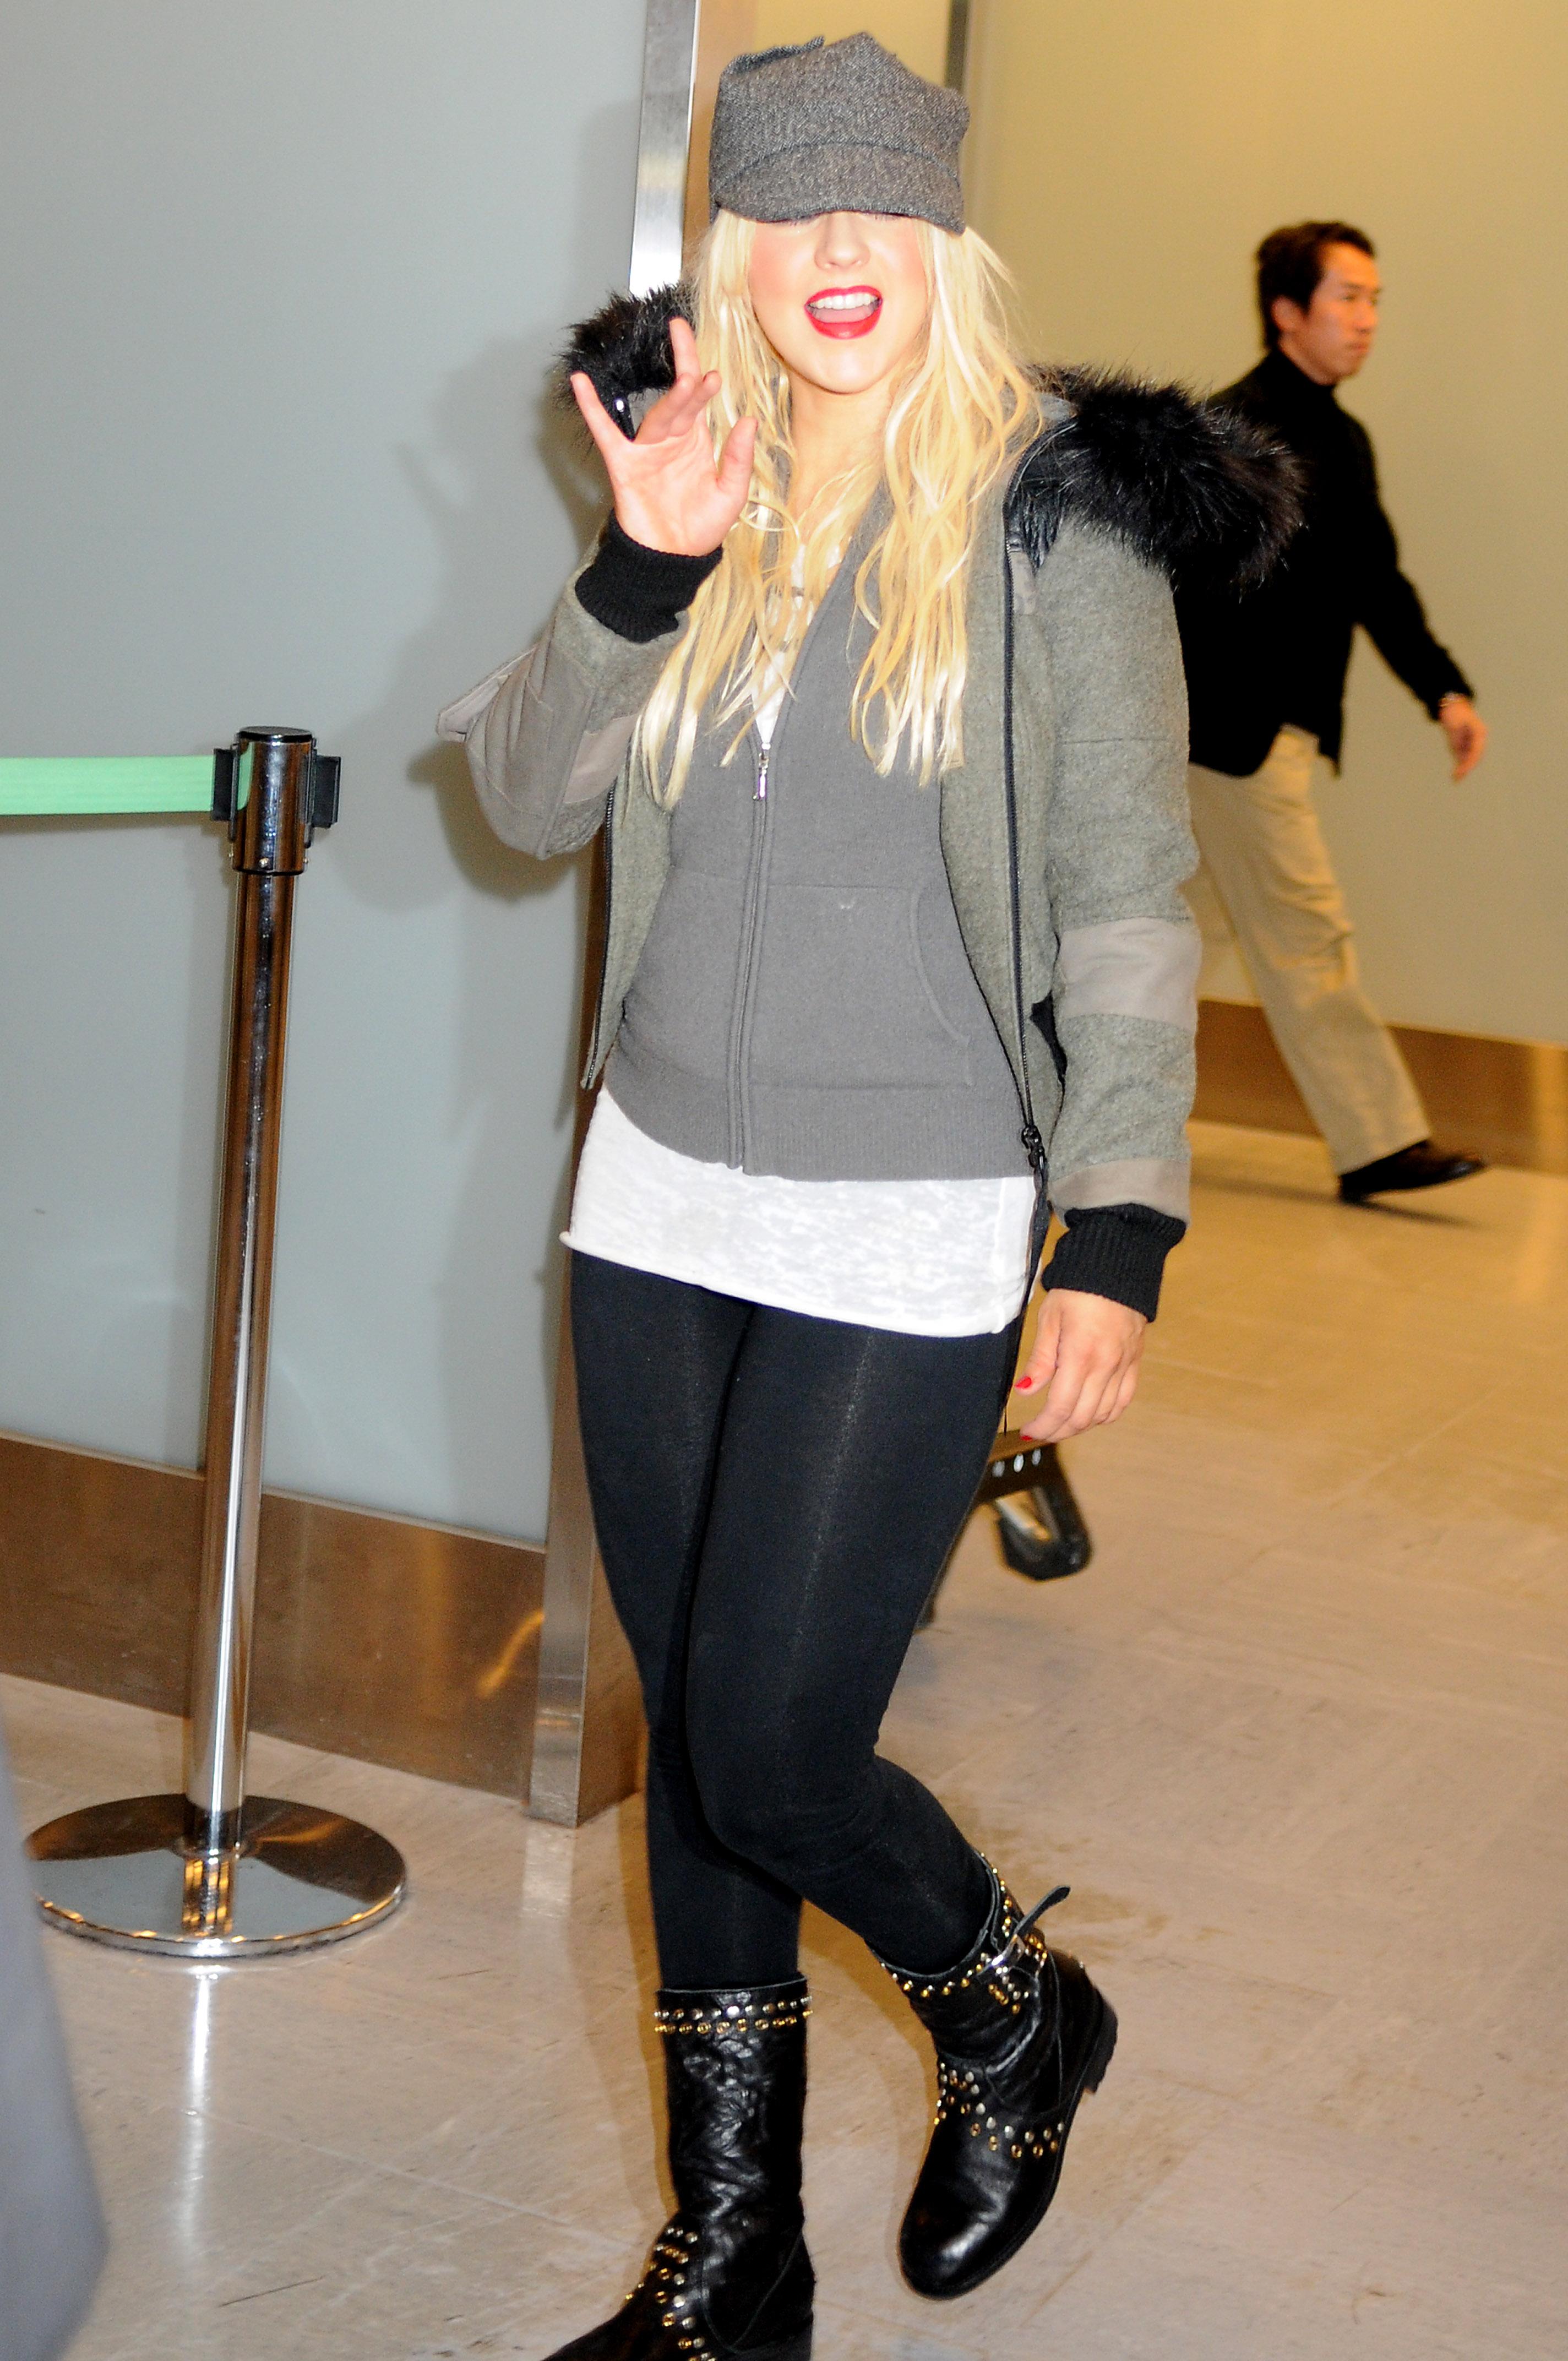 12551_Christina_Aguilera_arriving_in_Japan_5_122_1188lo.jpg